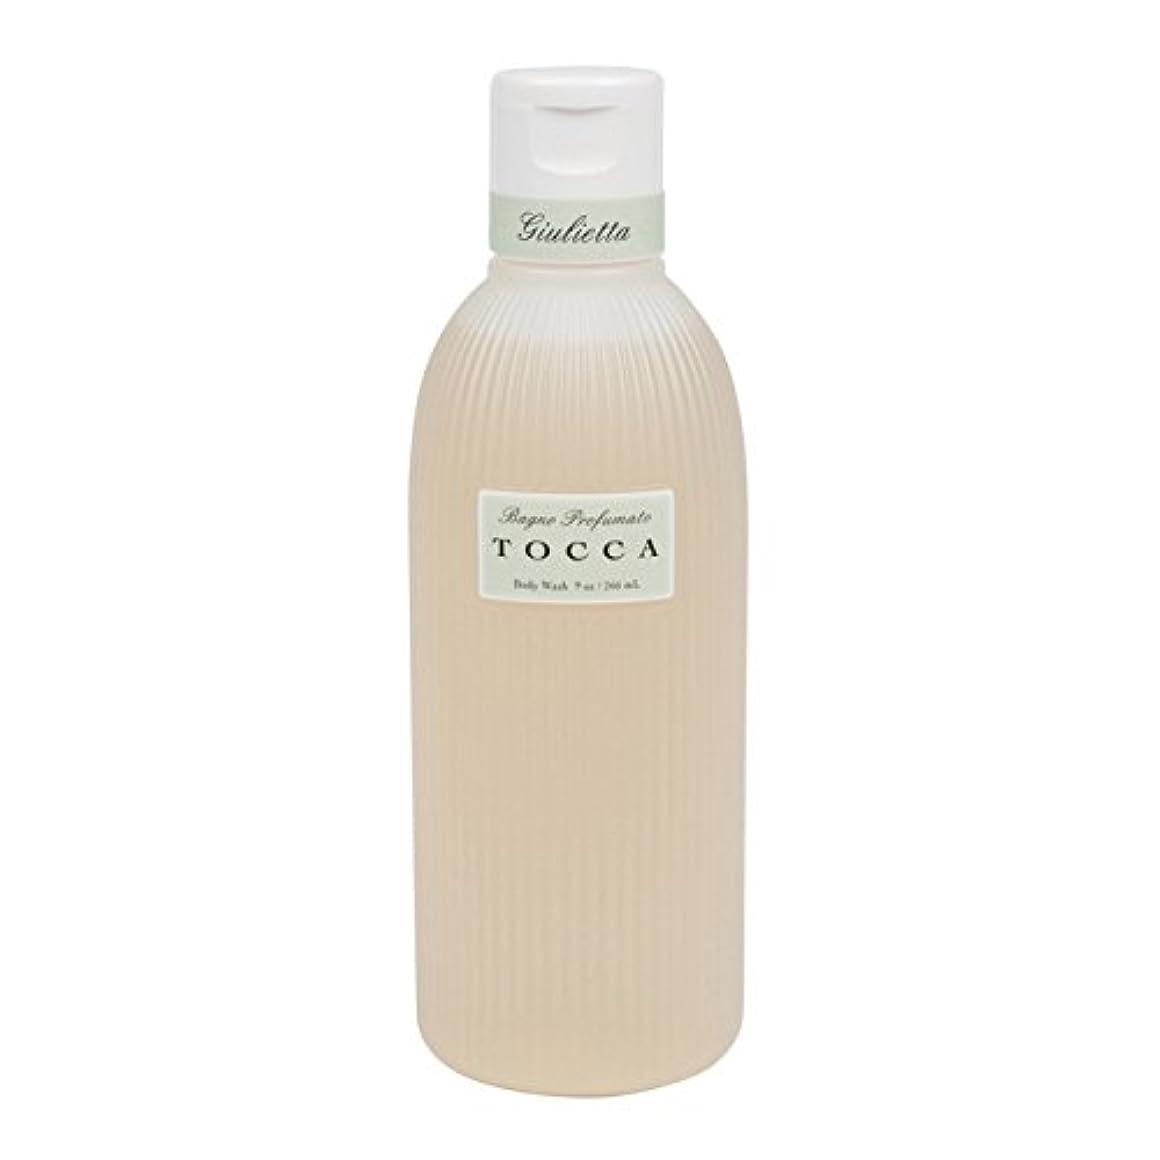 バイアス大きなスケールで見ると天気トッカ(TOCCA) ボディーケアウォッシュ ジュリエッタの香り  266ml(全身用洗浄料 ボディーソープ ピンクチューリップとグリーンアップルの爽やかで甘い香り)